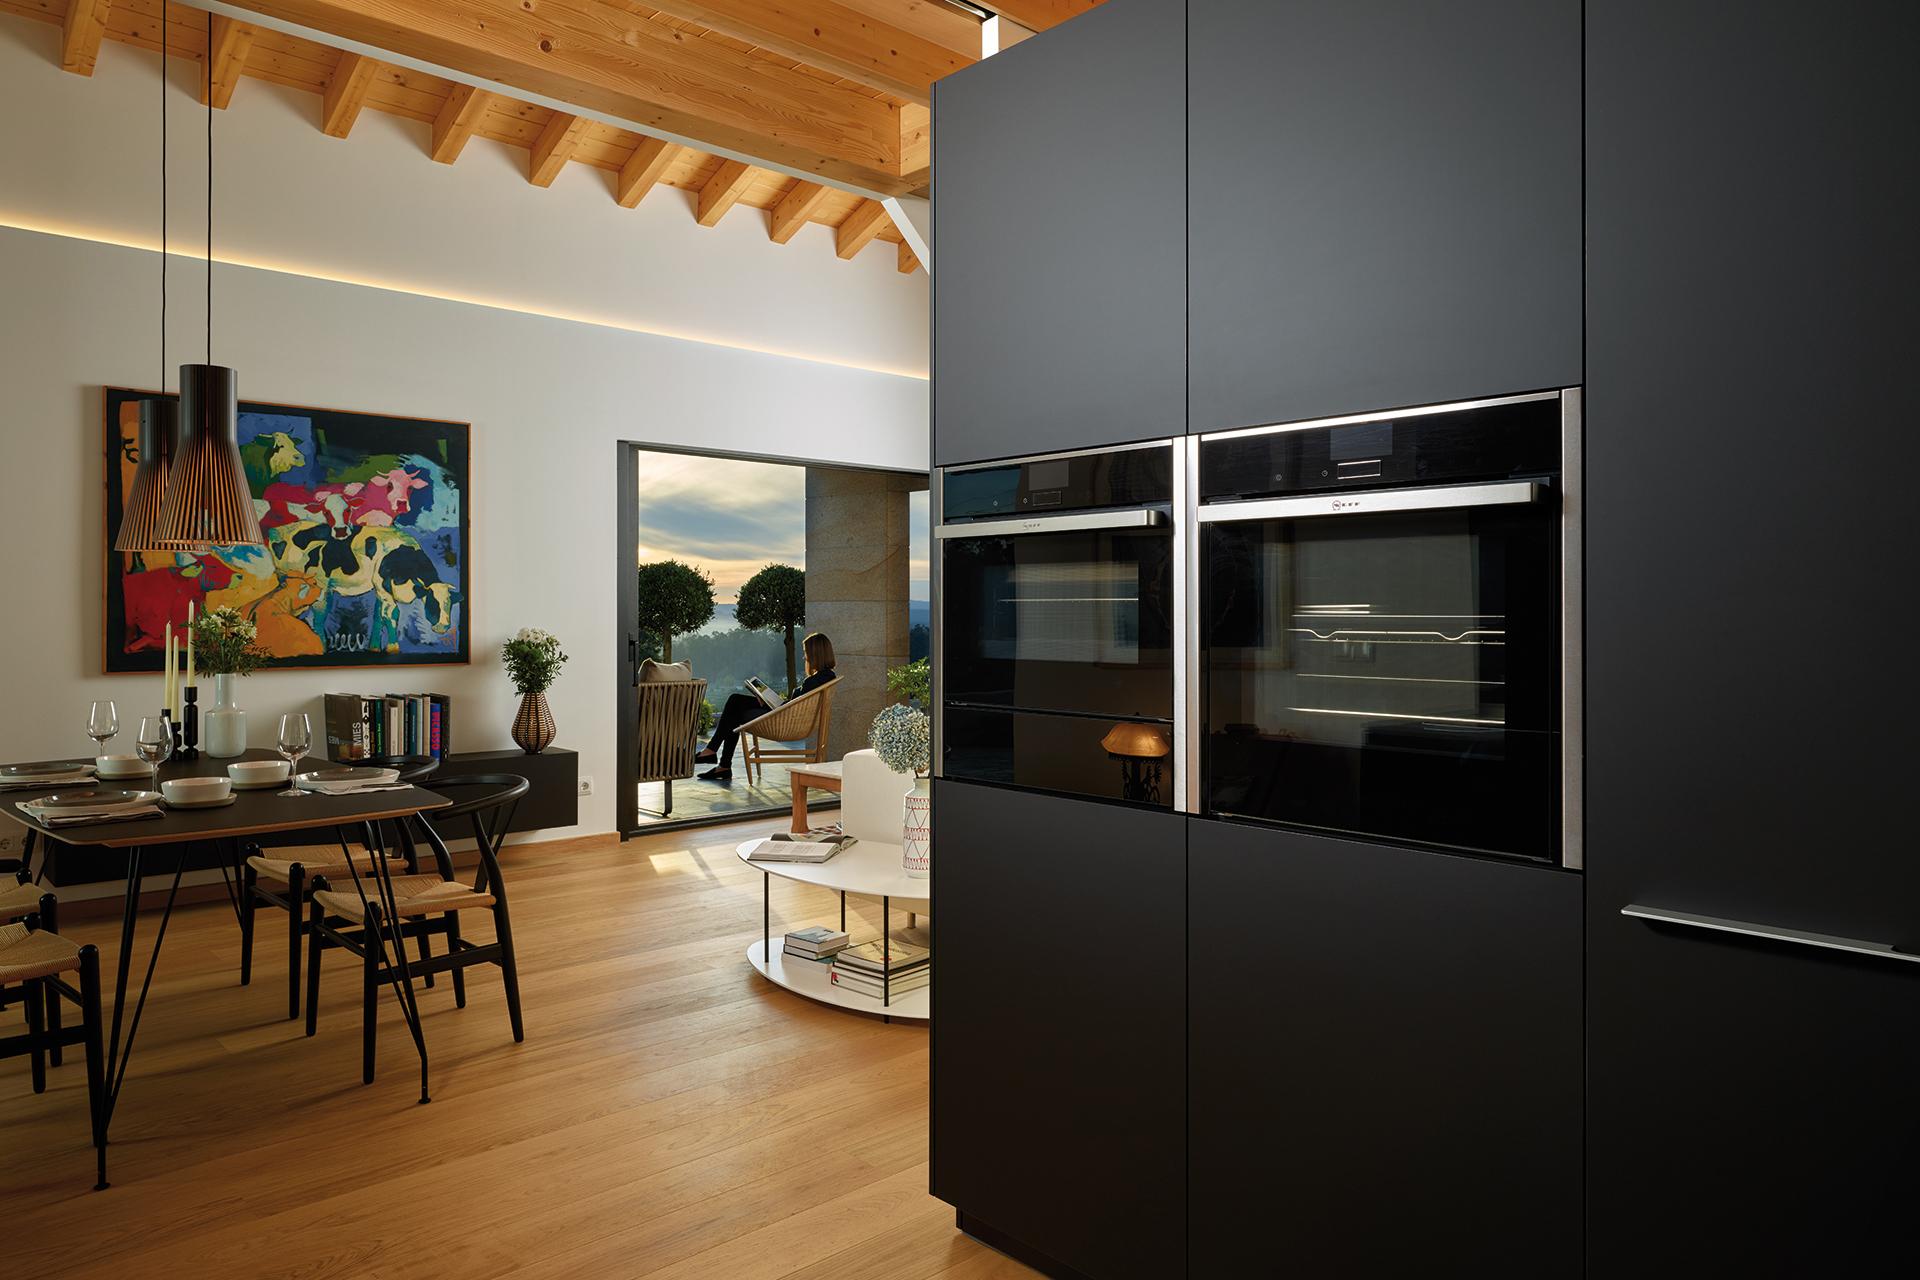 Cocina negra en paralelo abierta al comedor, equipada con muebles diseñados por Santos